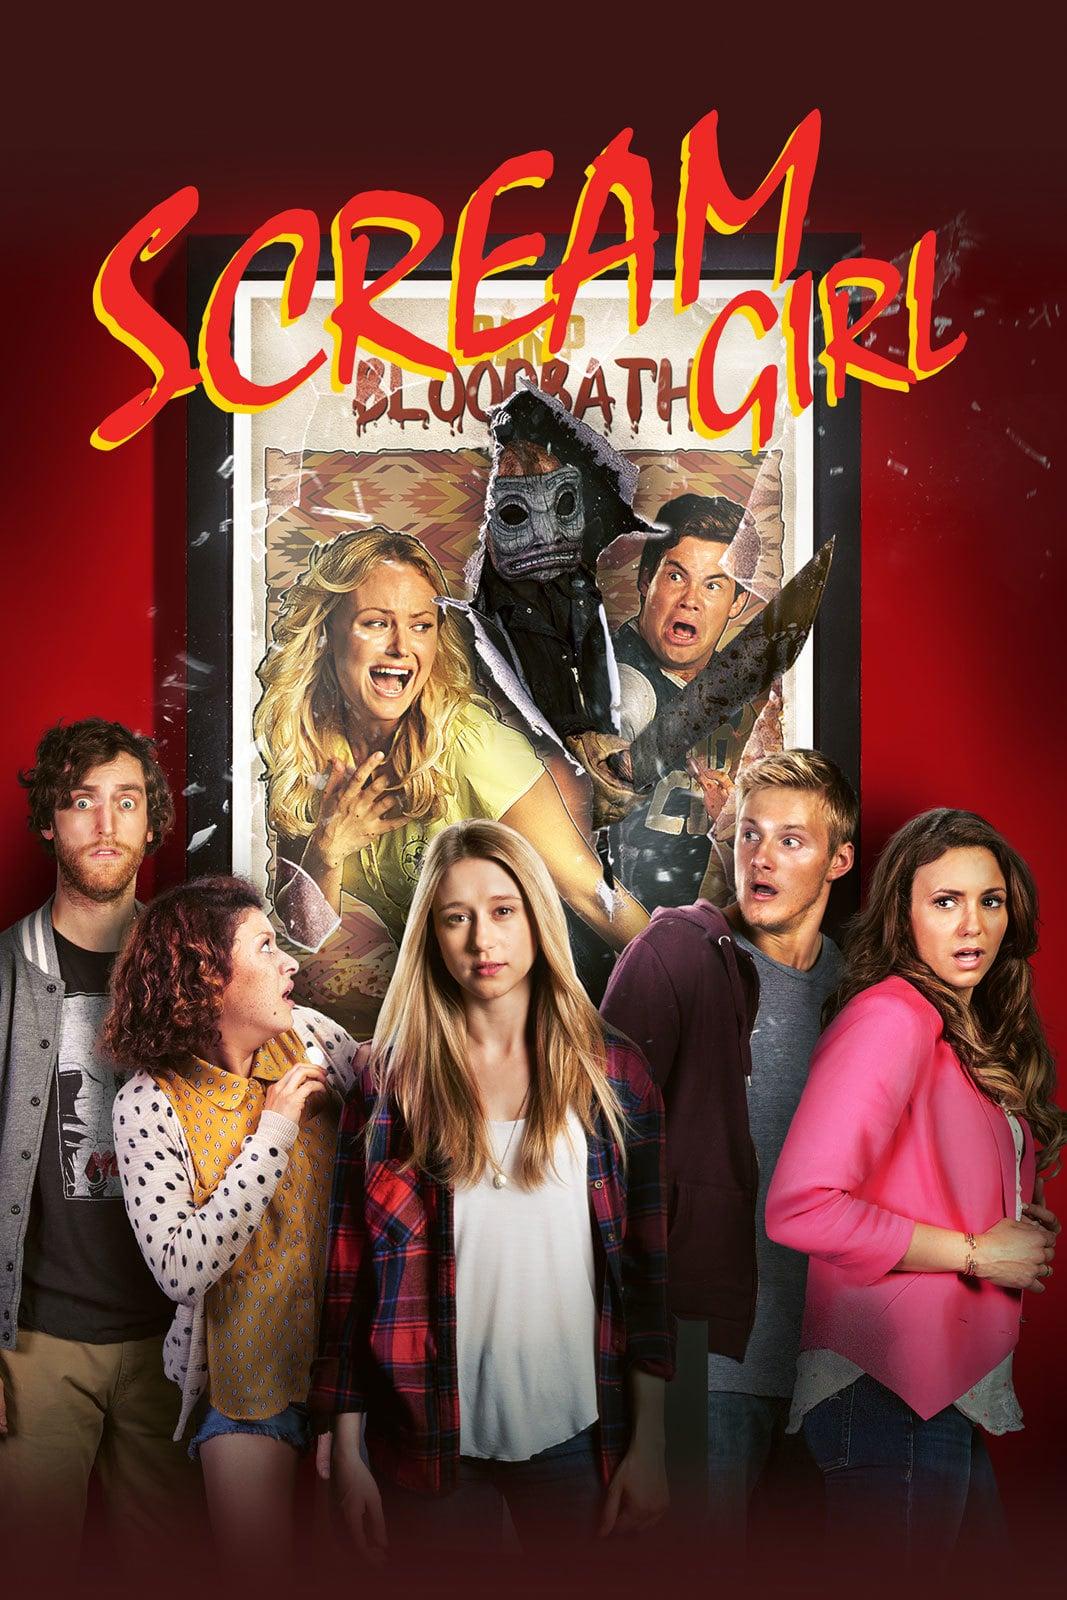 affiche du film Scream Girl